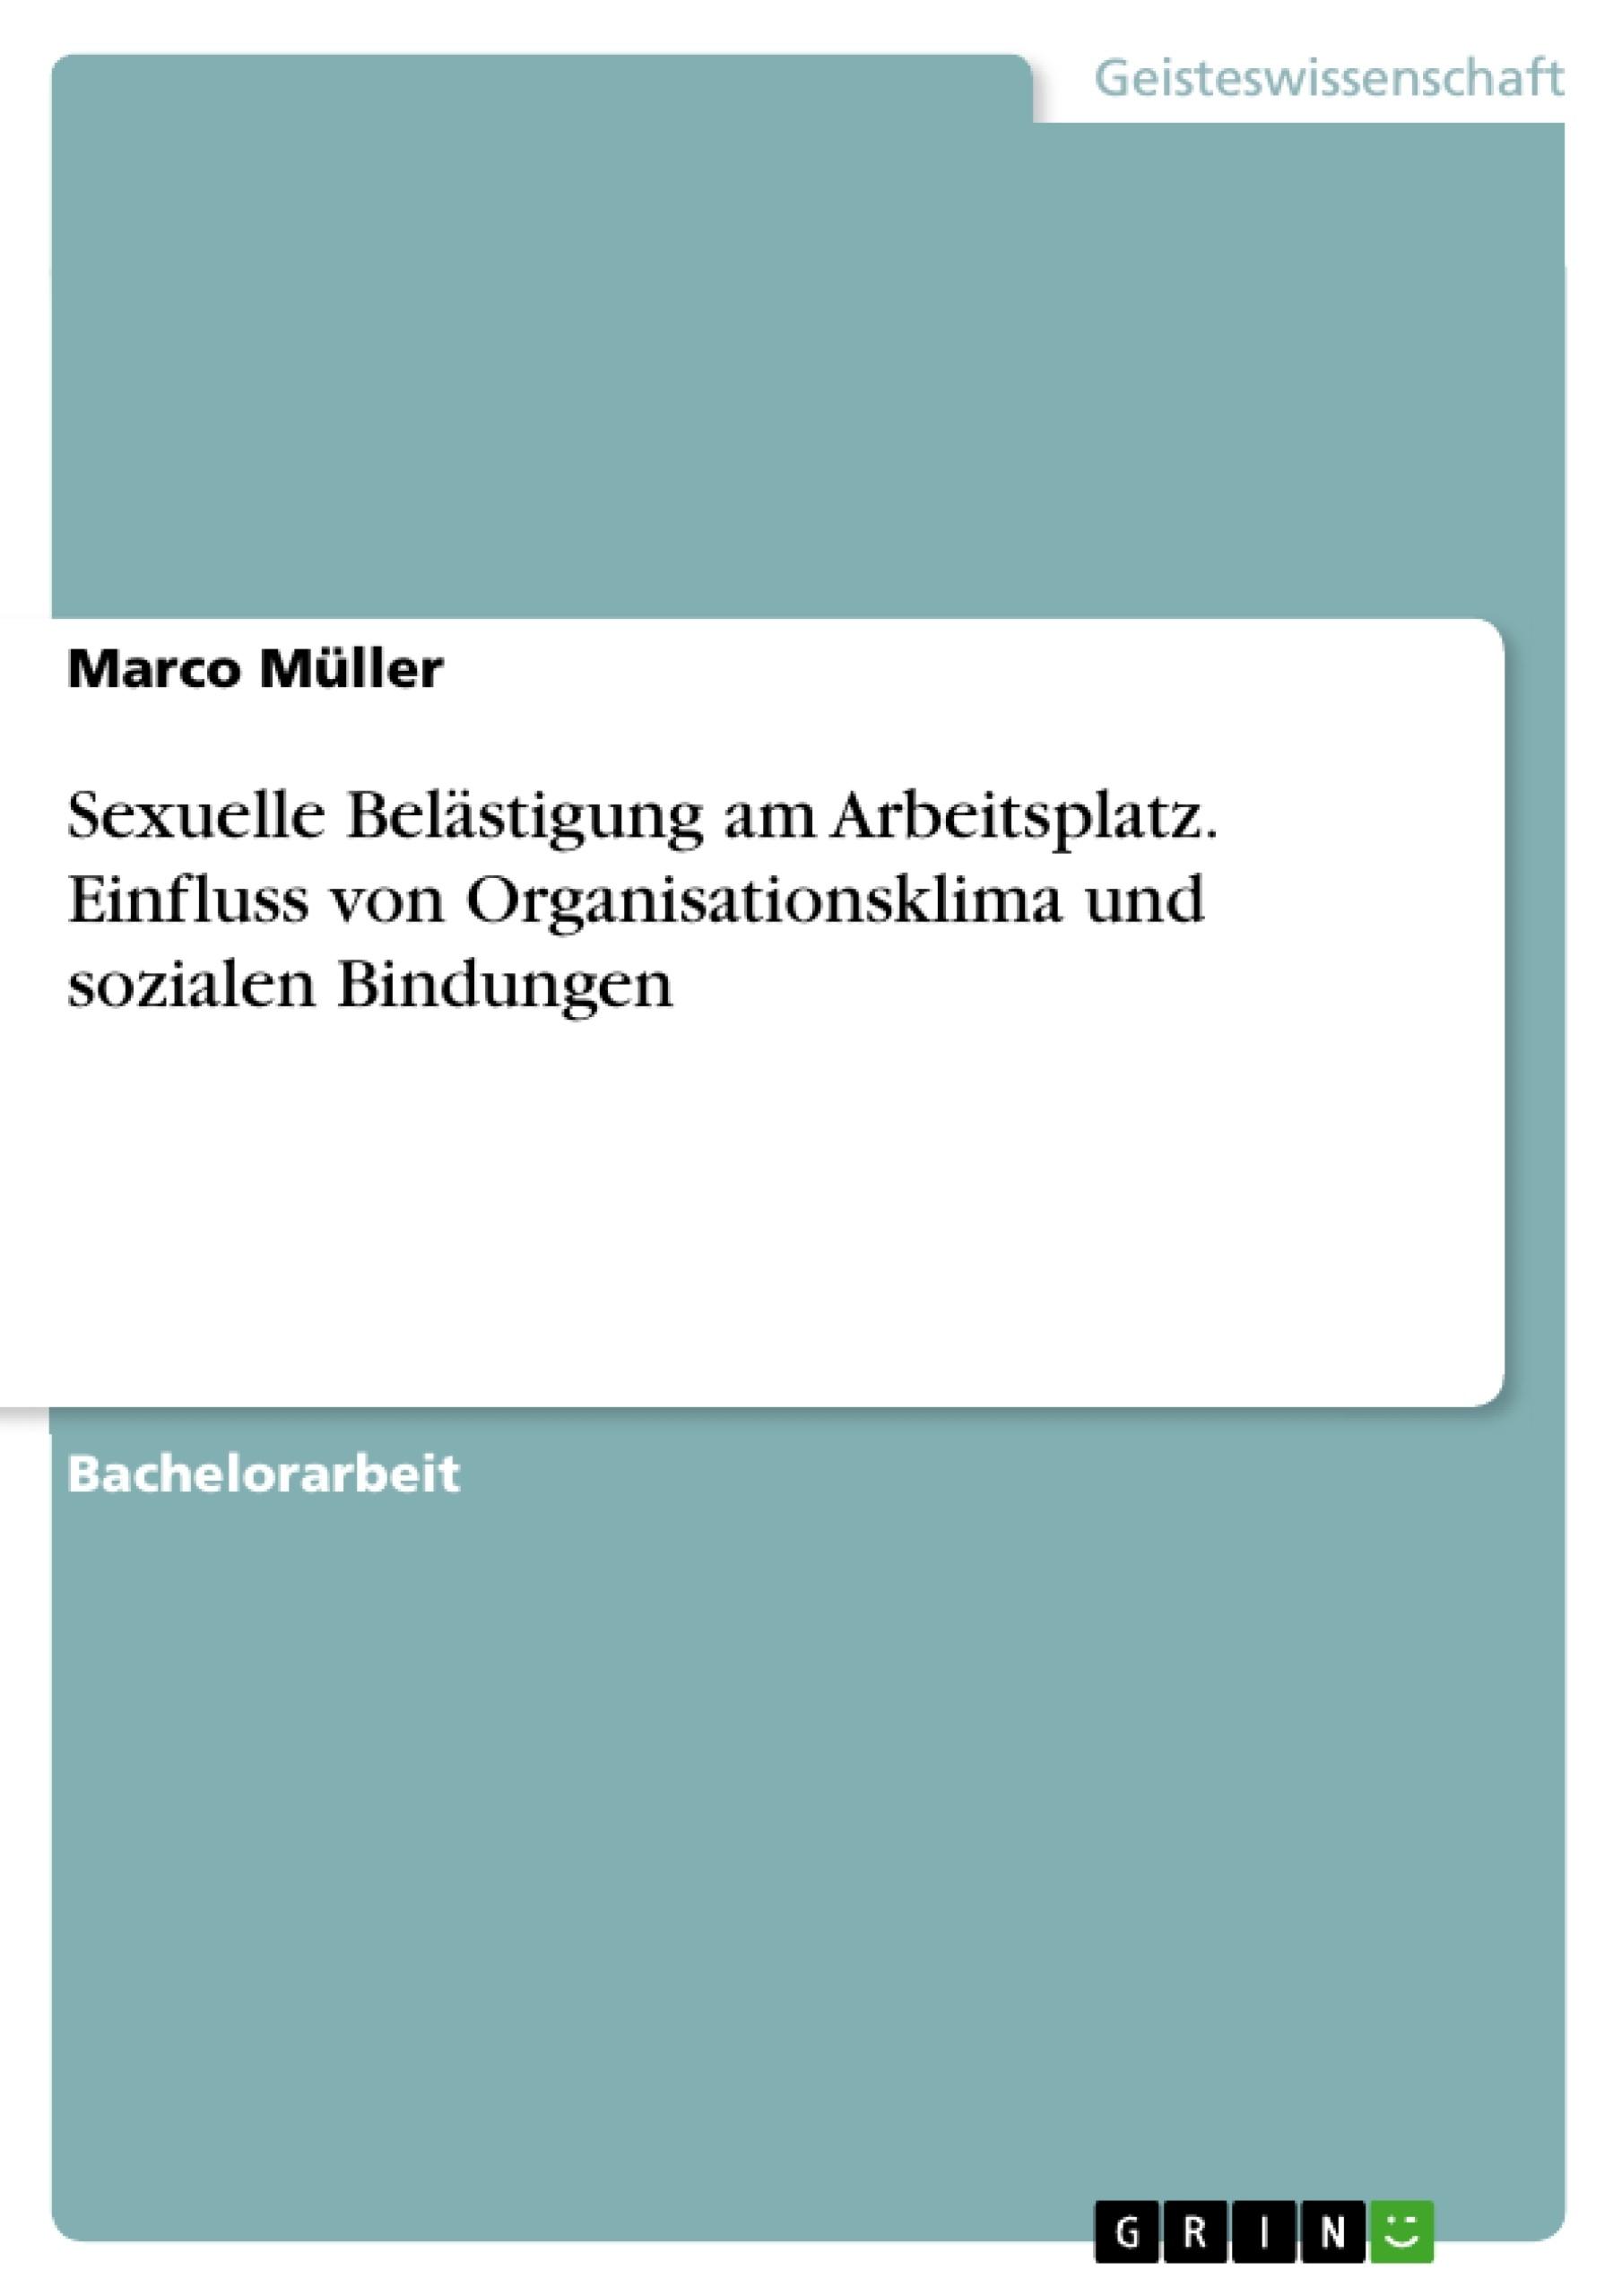 Titel: Sexuelle Belästigung am Arbeitsplatz. Einfluss von Organisationsklima und sozialen Bindungen